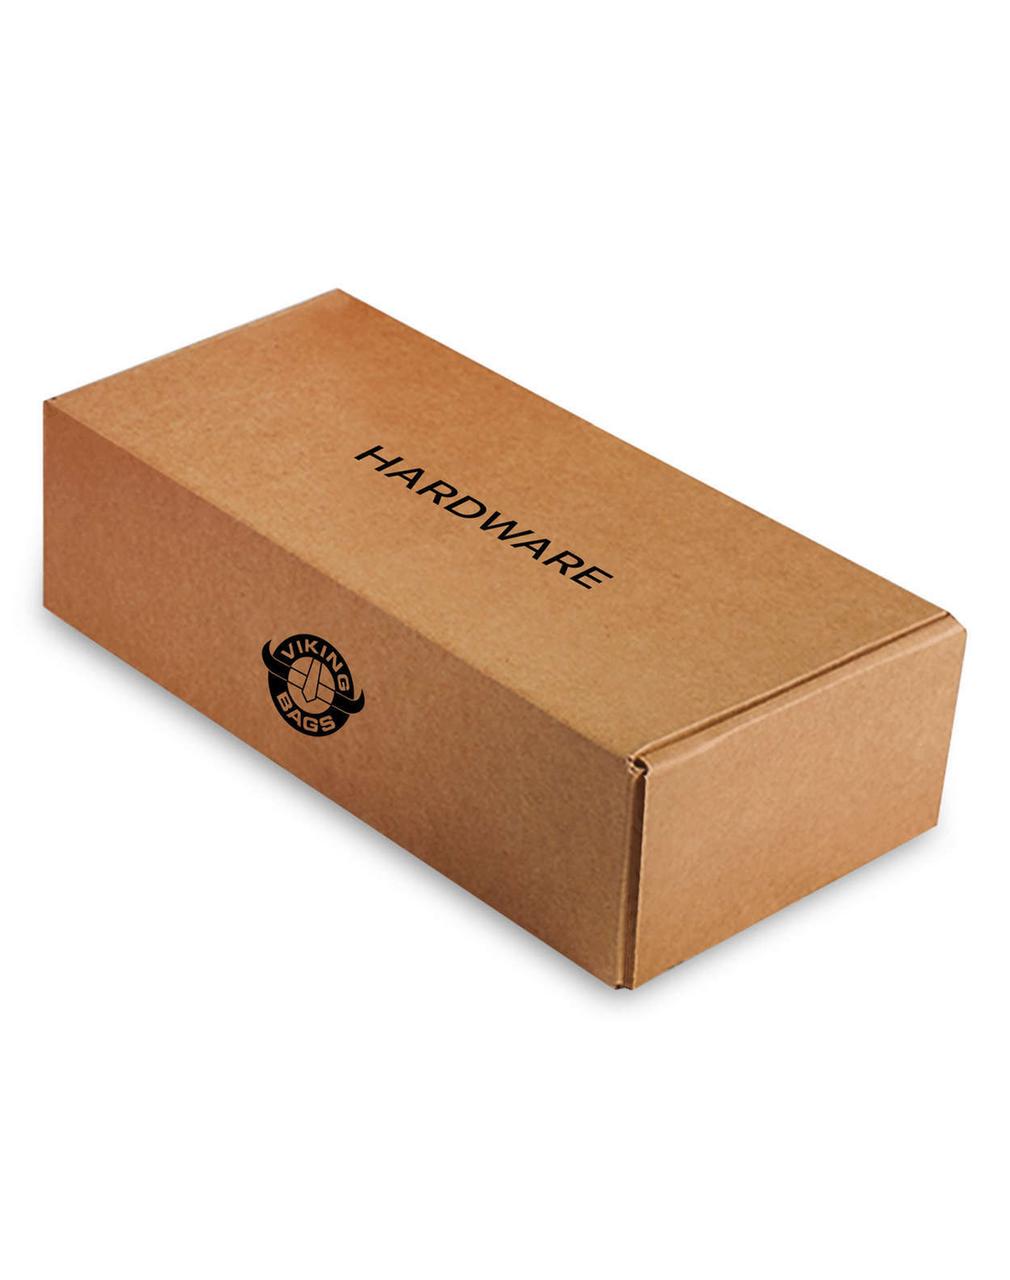 Triumph Thunderbird Warrior Slanted Large Leather Motorcycle Saddlebags Box